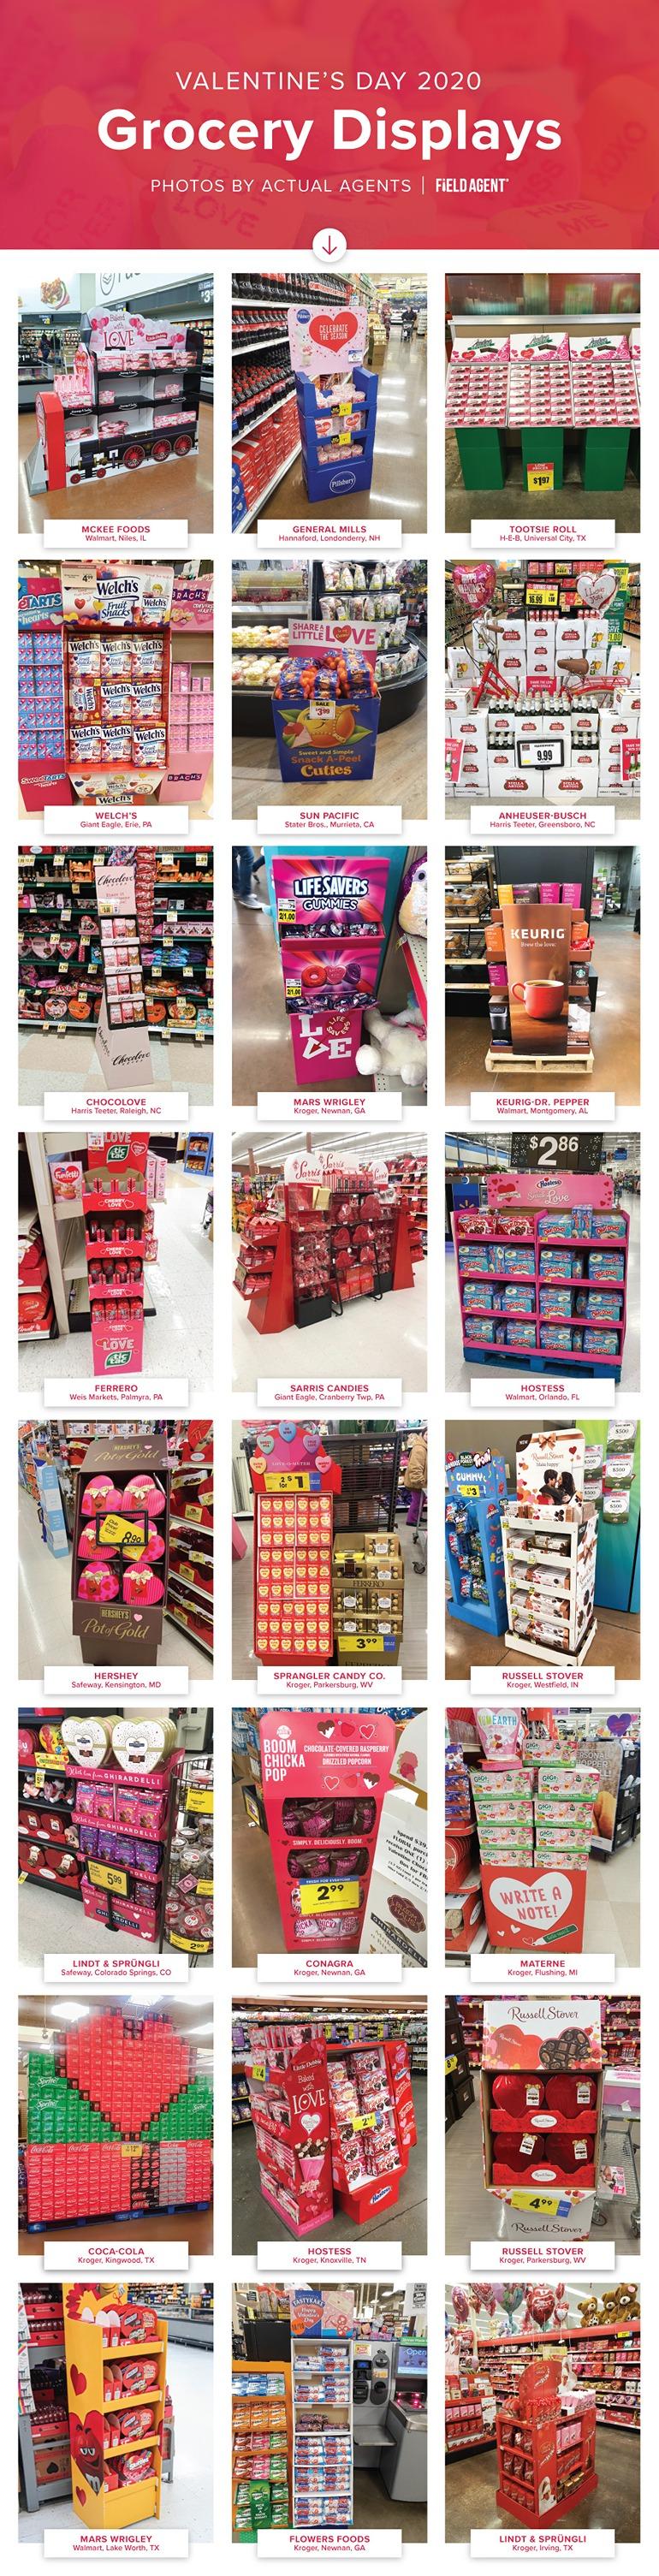 Valentines Grocery Displays 2020 - Seasonal Display Gallery